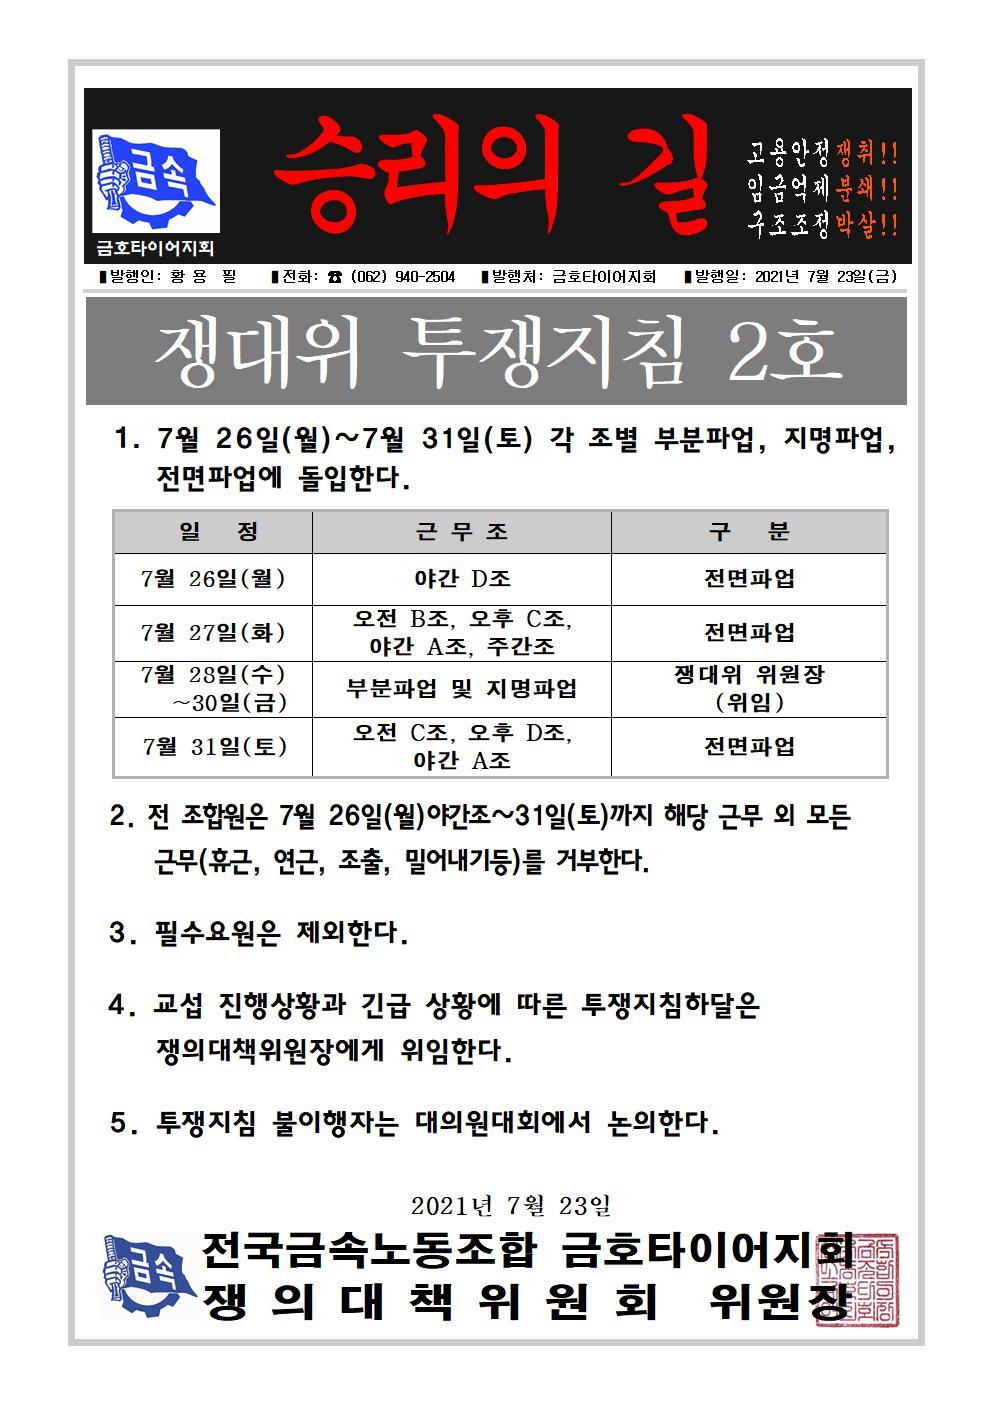 21년 투쟁지침 쟁대위 확정001.jpg